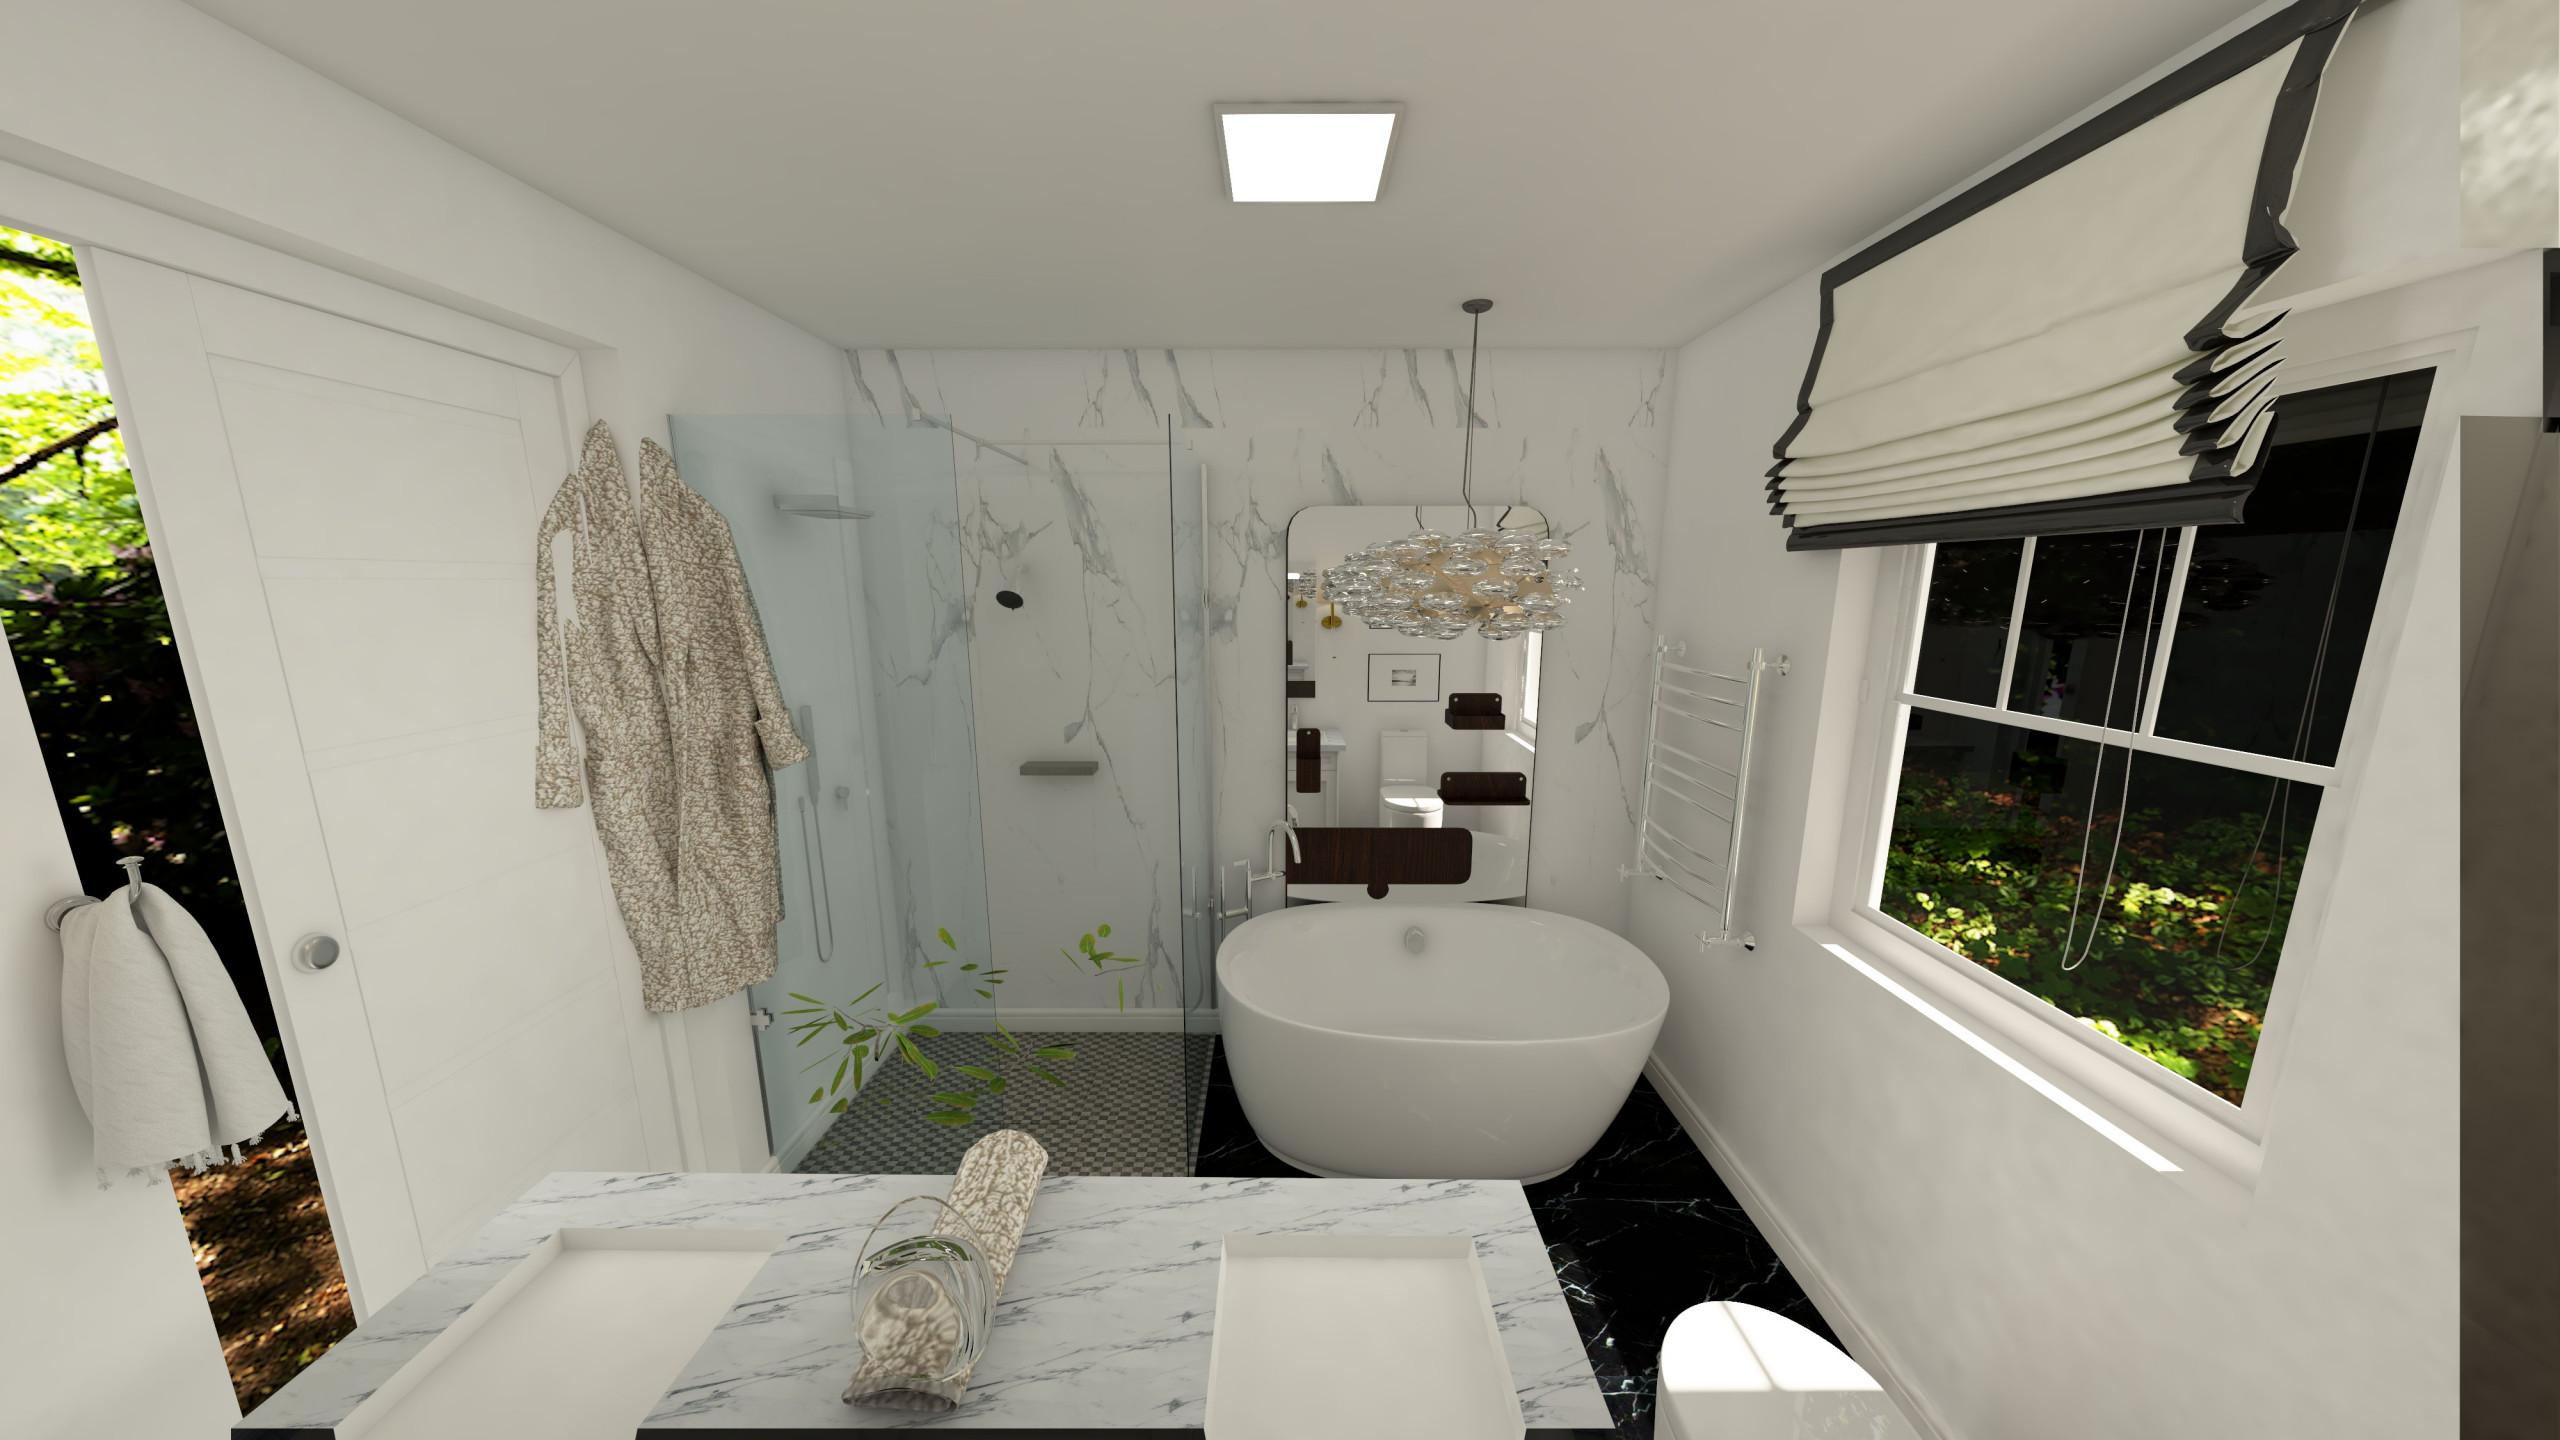 Digital Image and Design for Bathroom Remodel